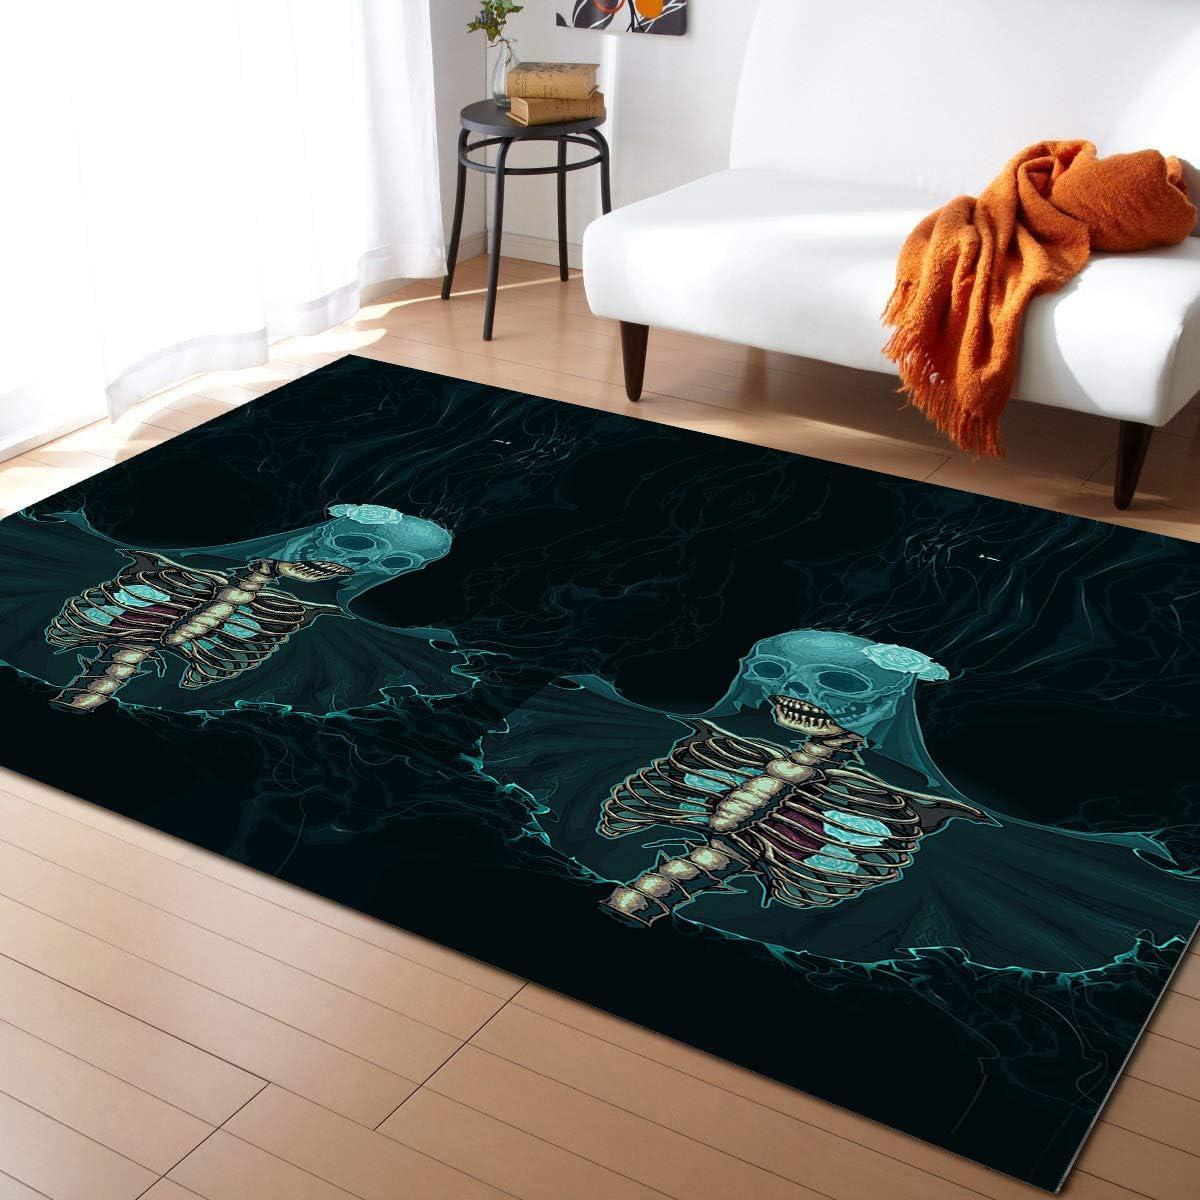 Olivefox 4x6 Feet Area Popular Rug Floor Department store Skeleton I Bride Halloween Mat